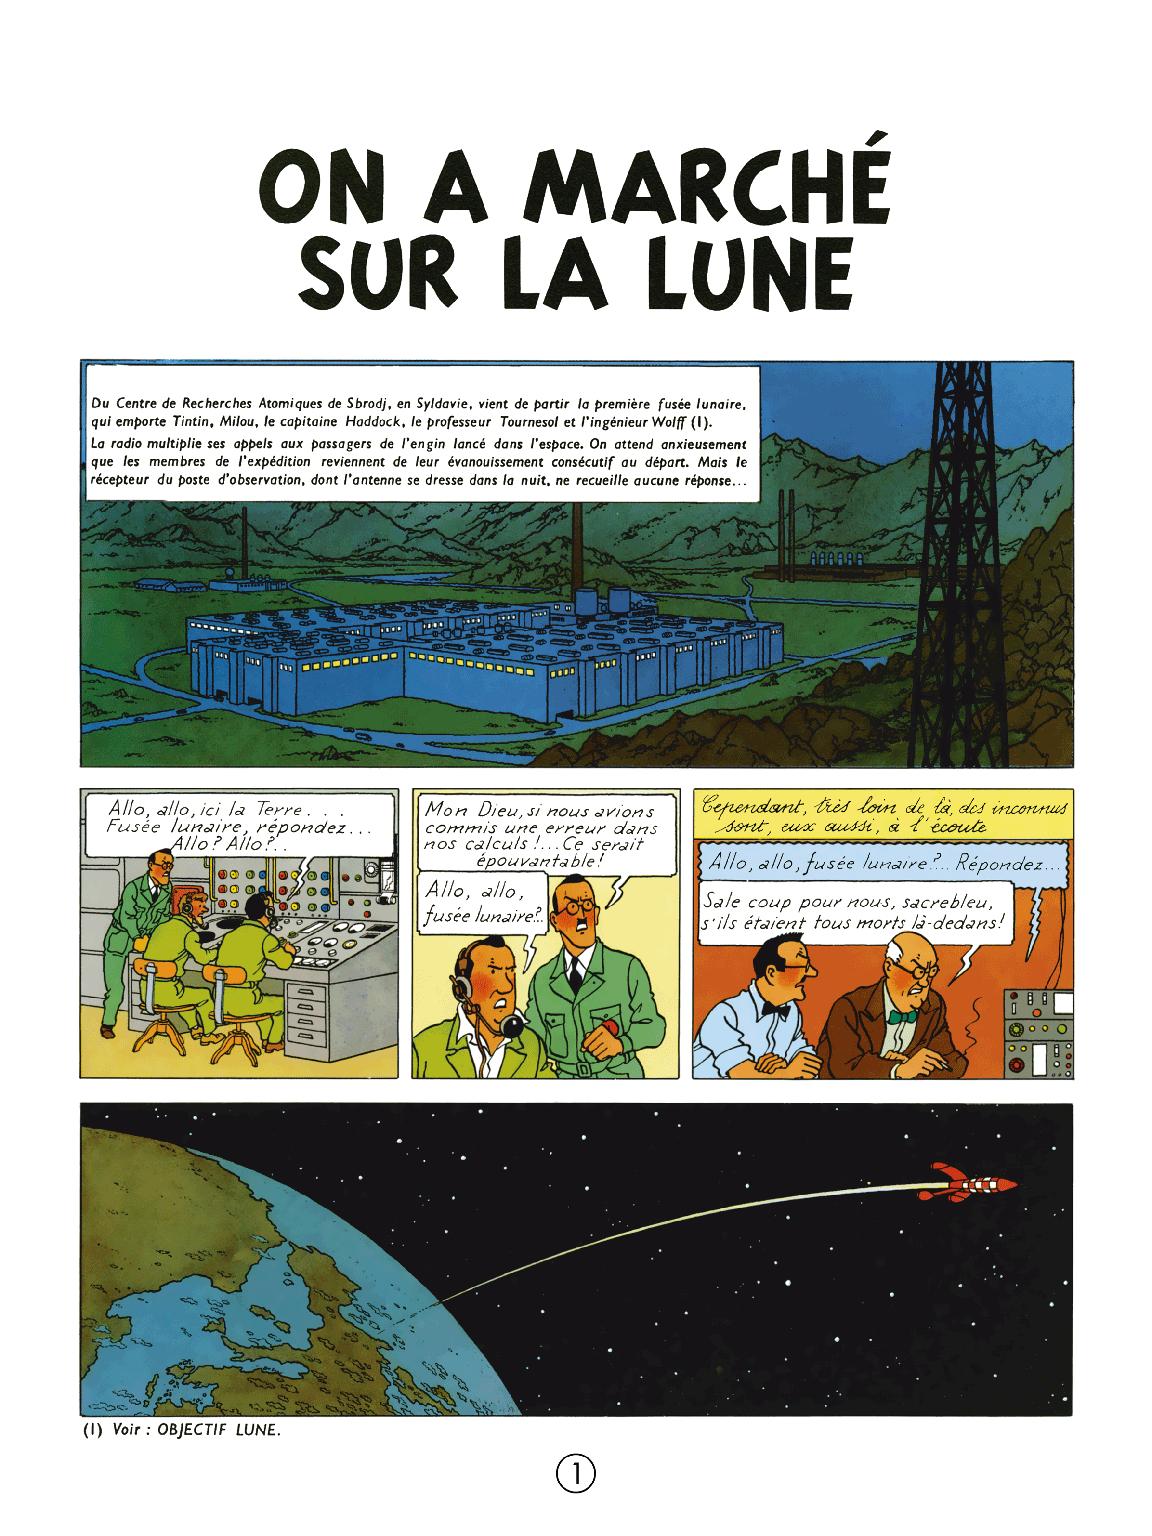 On a marché sur la Lune - page 1